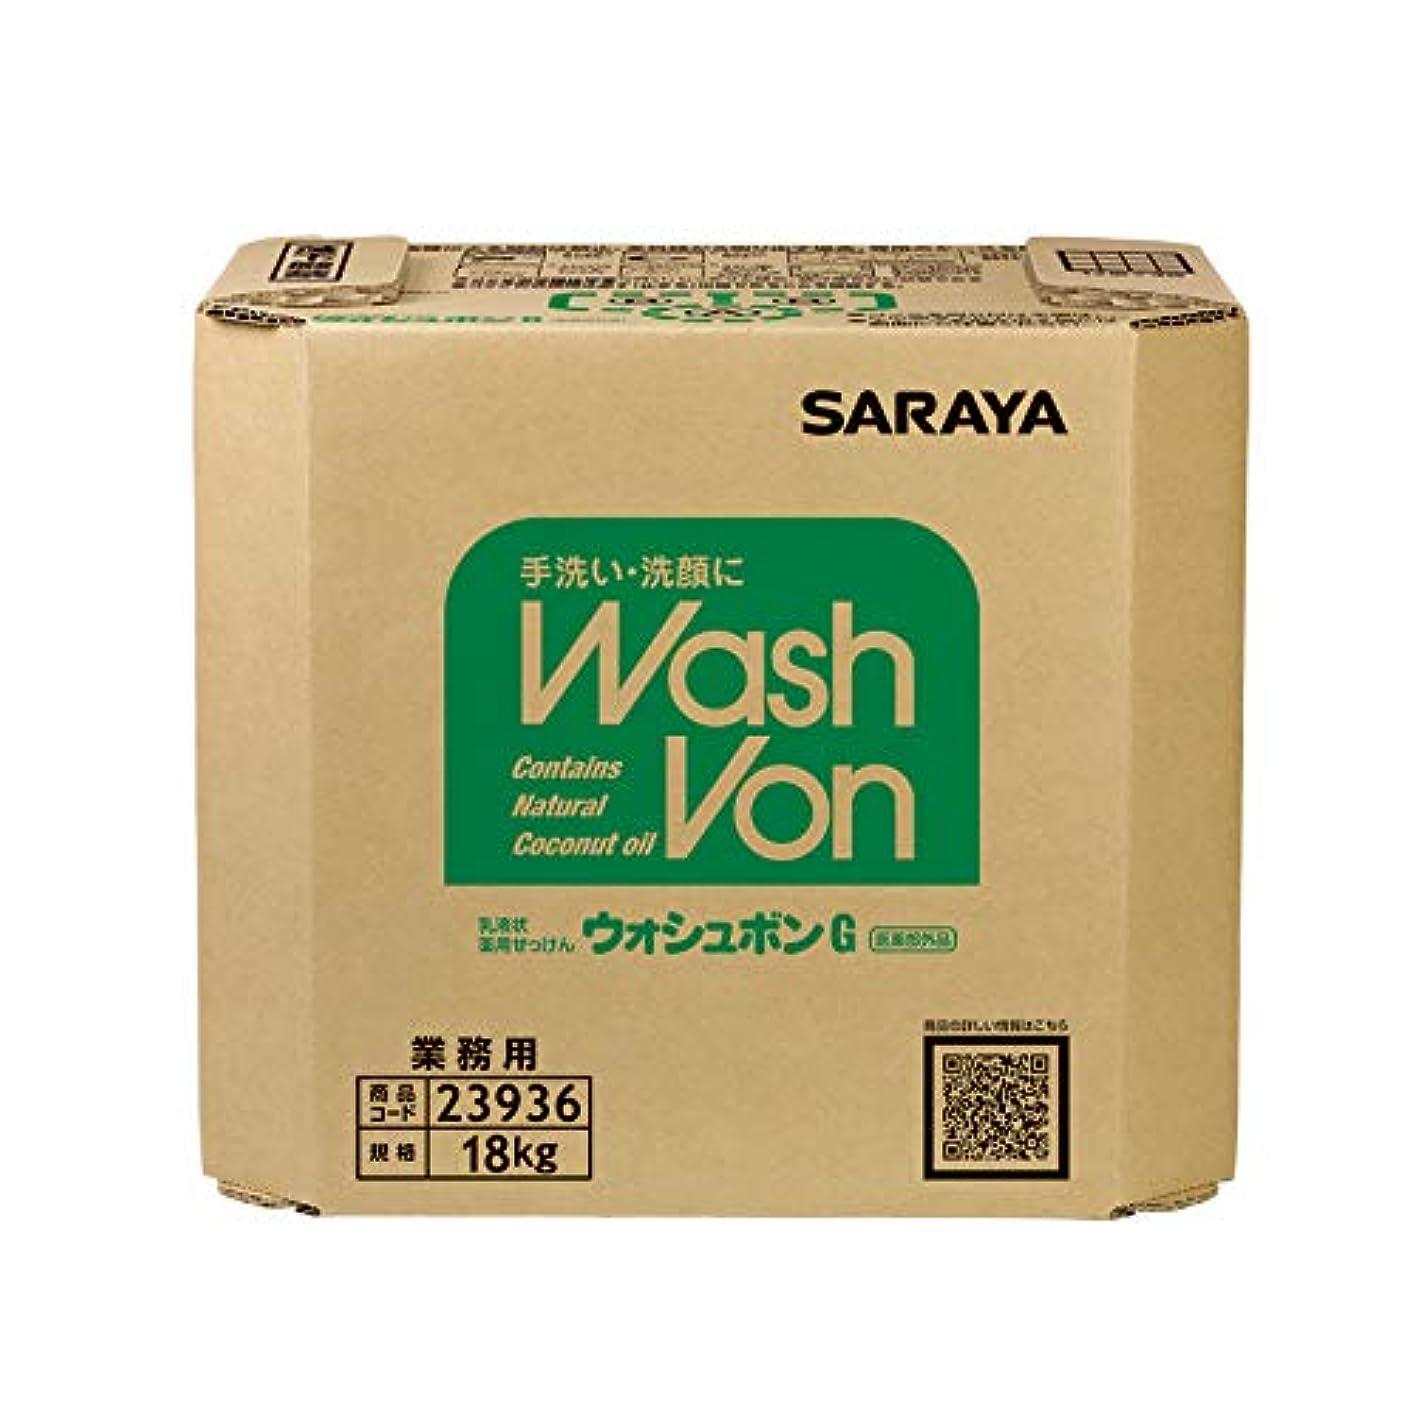 しかしながら気晴らし取り除くサラヤ ウォシュボン G 18kg 23936 (コック付き)